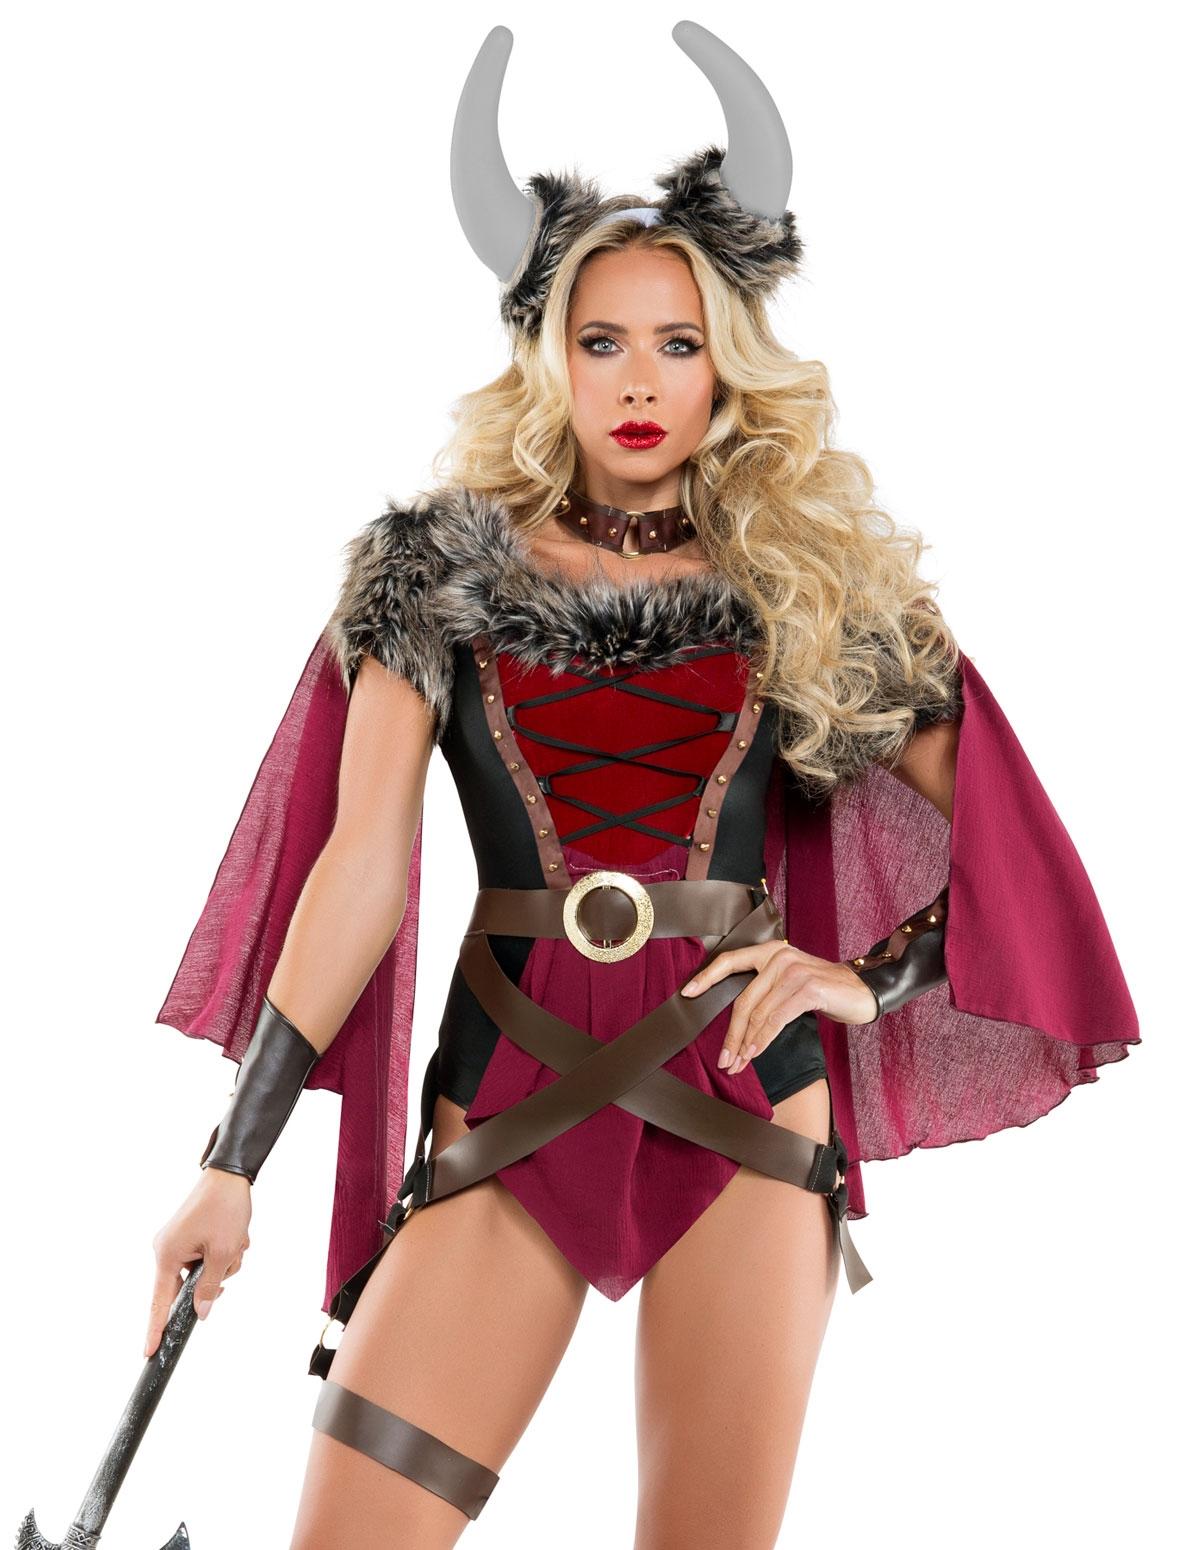 Voluptuous Viking Costume